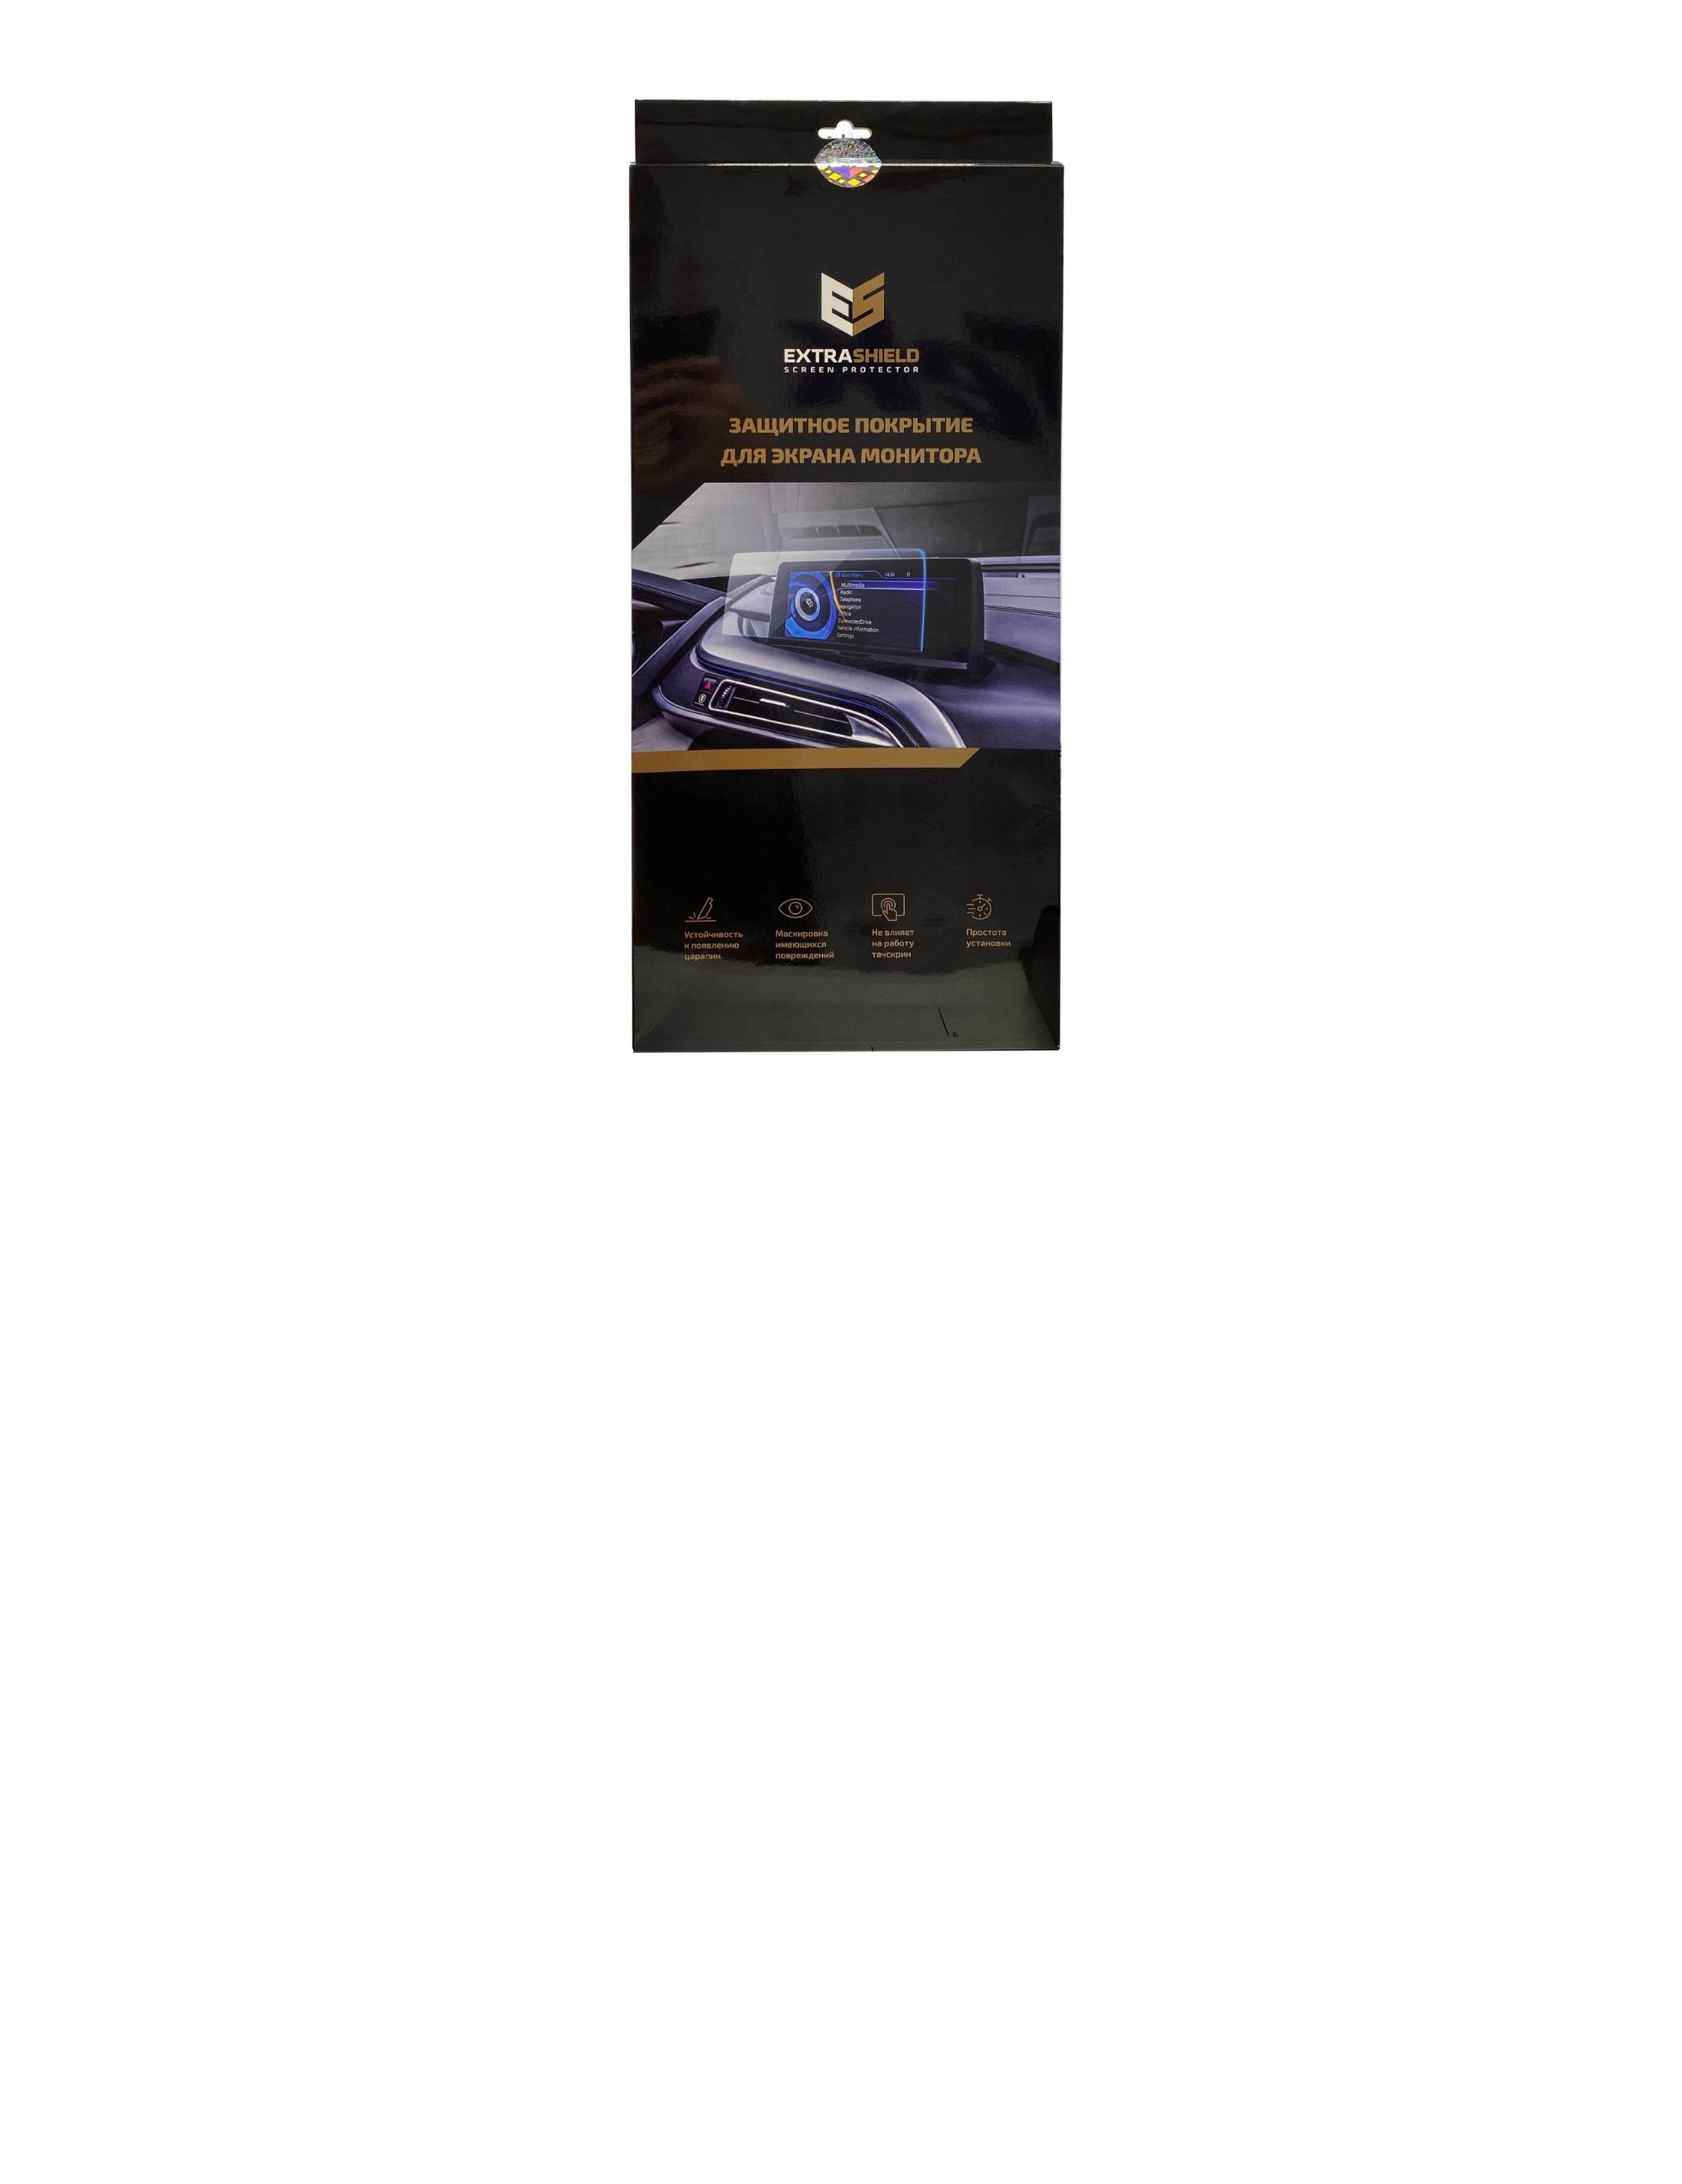 Audi Q8 2018 - н.в. приборная панель Audi Virtual Cockpit 12 Защитное стекло Глянец